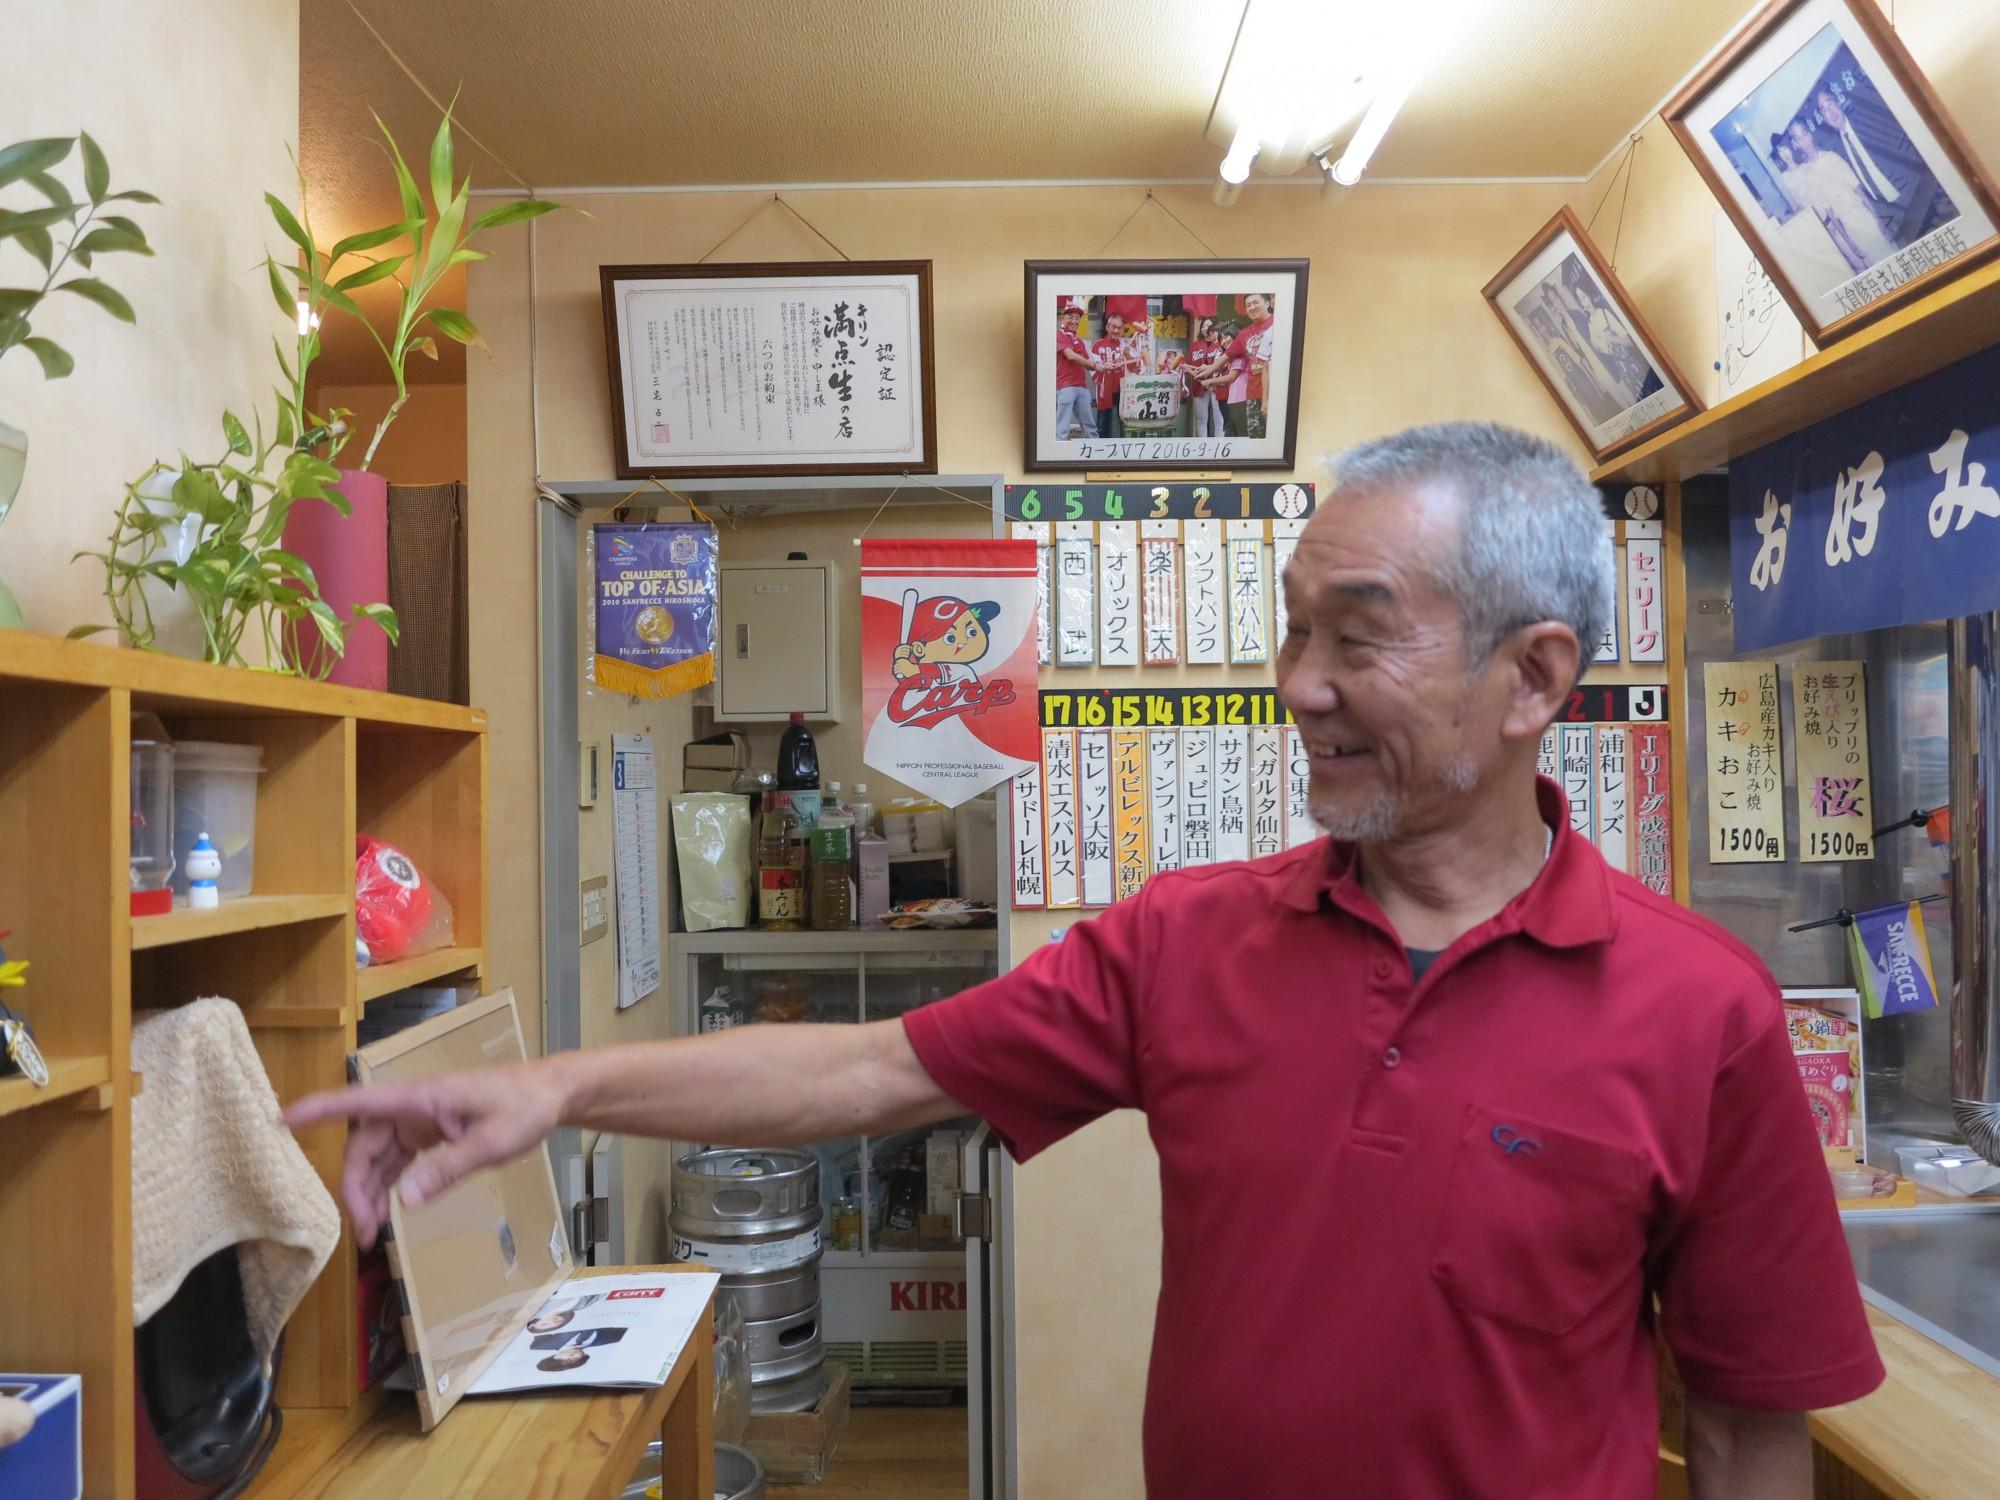 店内には広島在住時代から集めているカープグッズがずらり。